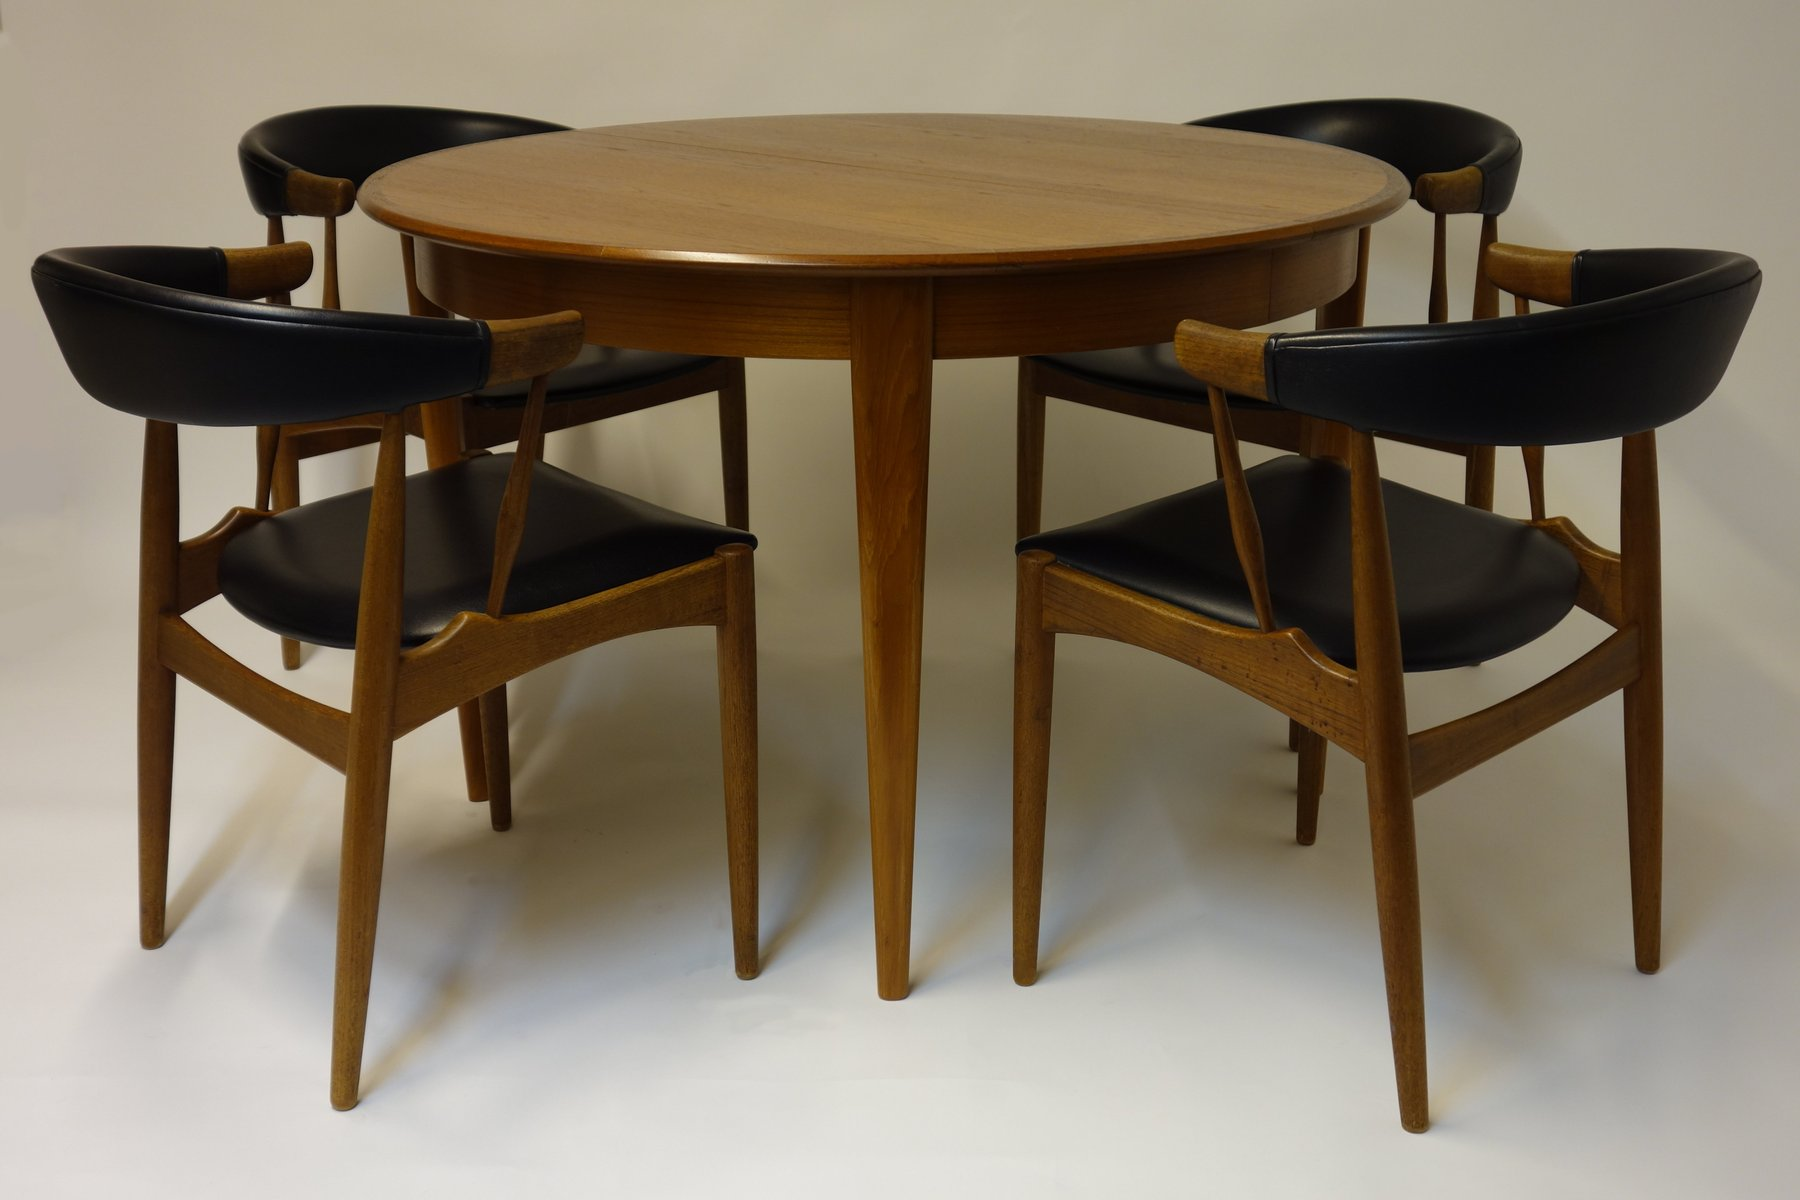 Tavolo da pranzo allungabile con 4 sedie di Brdr. Andersen, 1966 ...